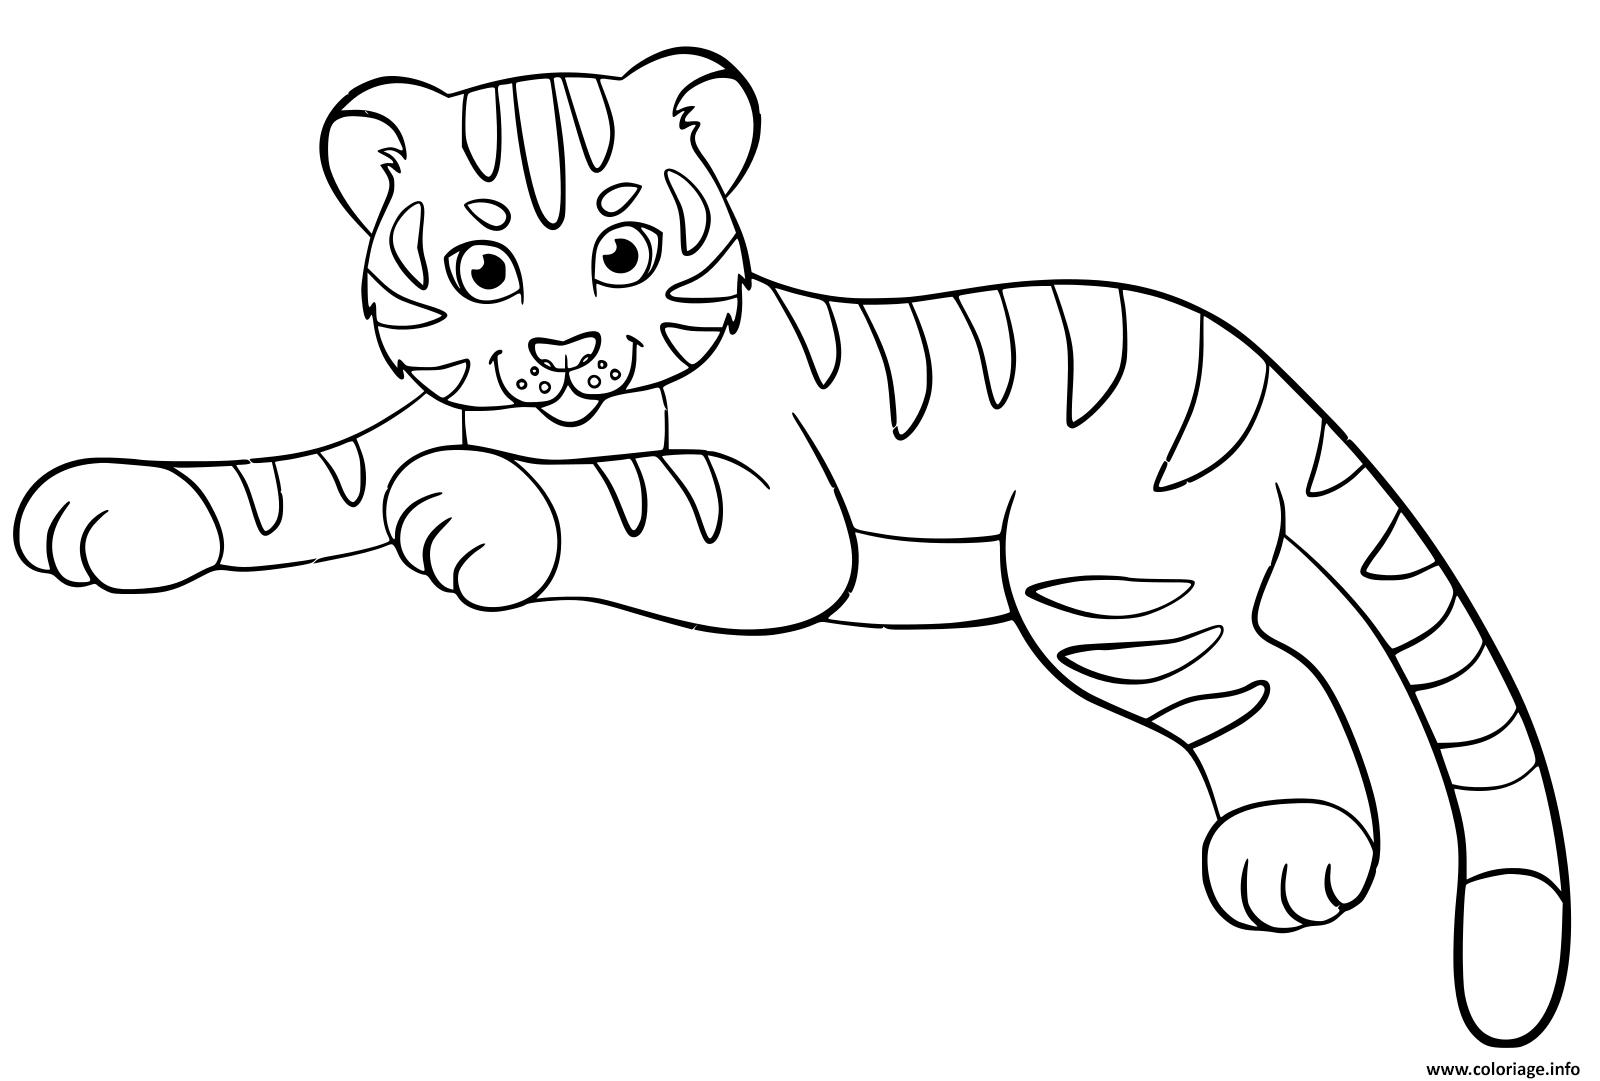 Dessin bebe tigre cute enfants Coloriage Gratuit à Imprimer